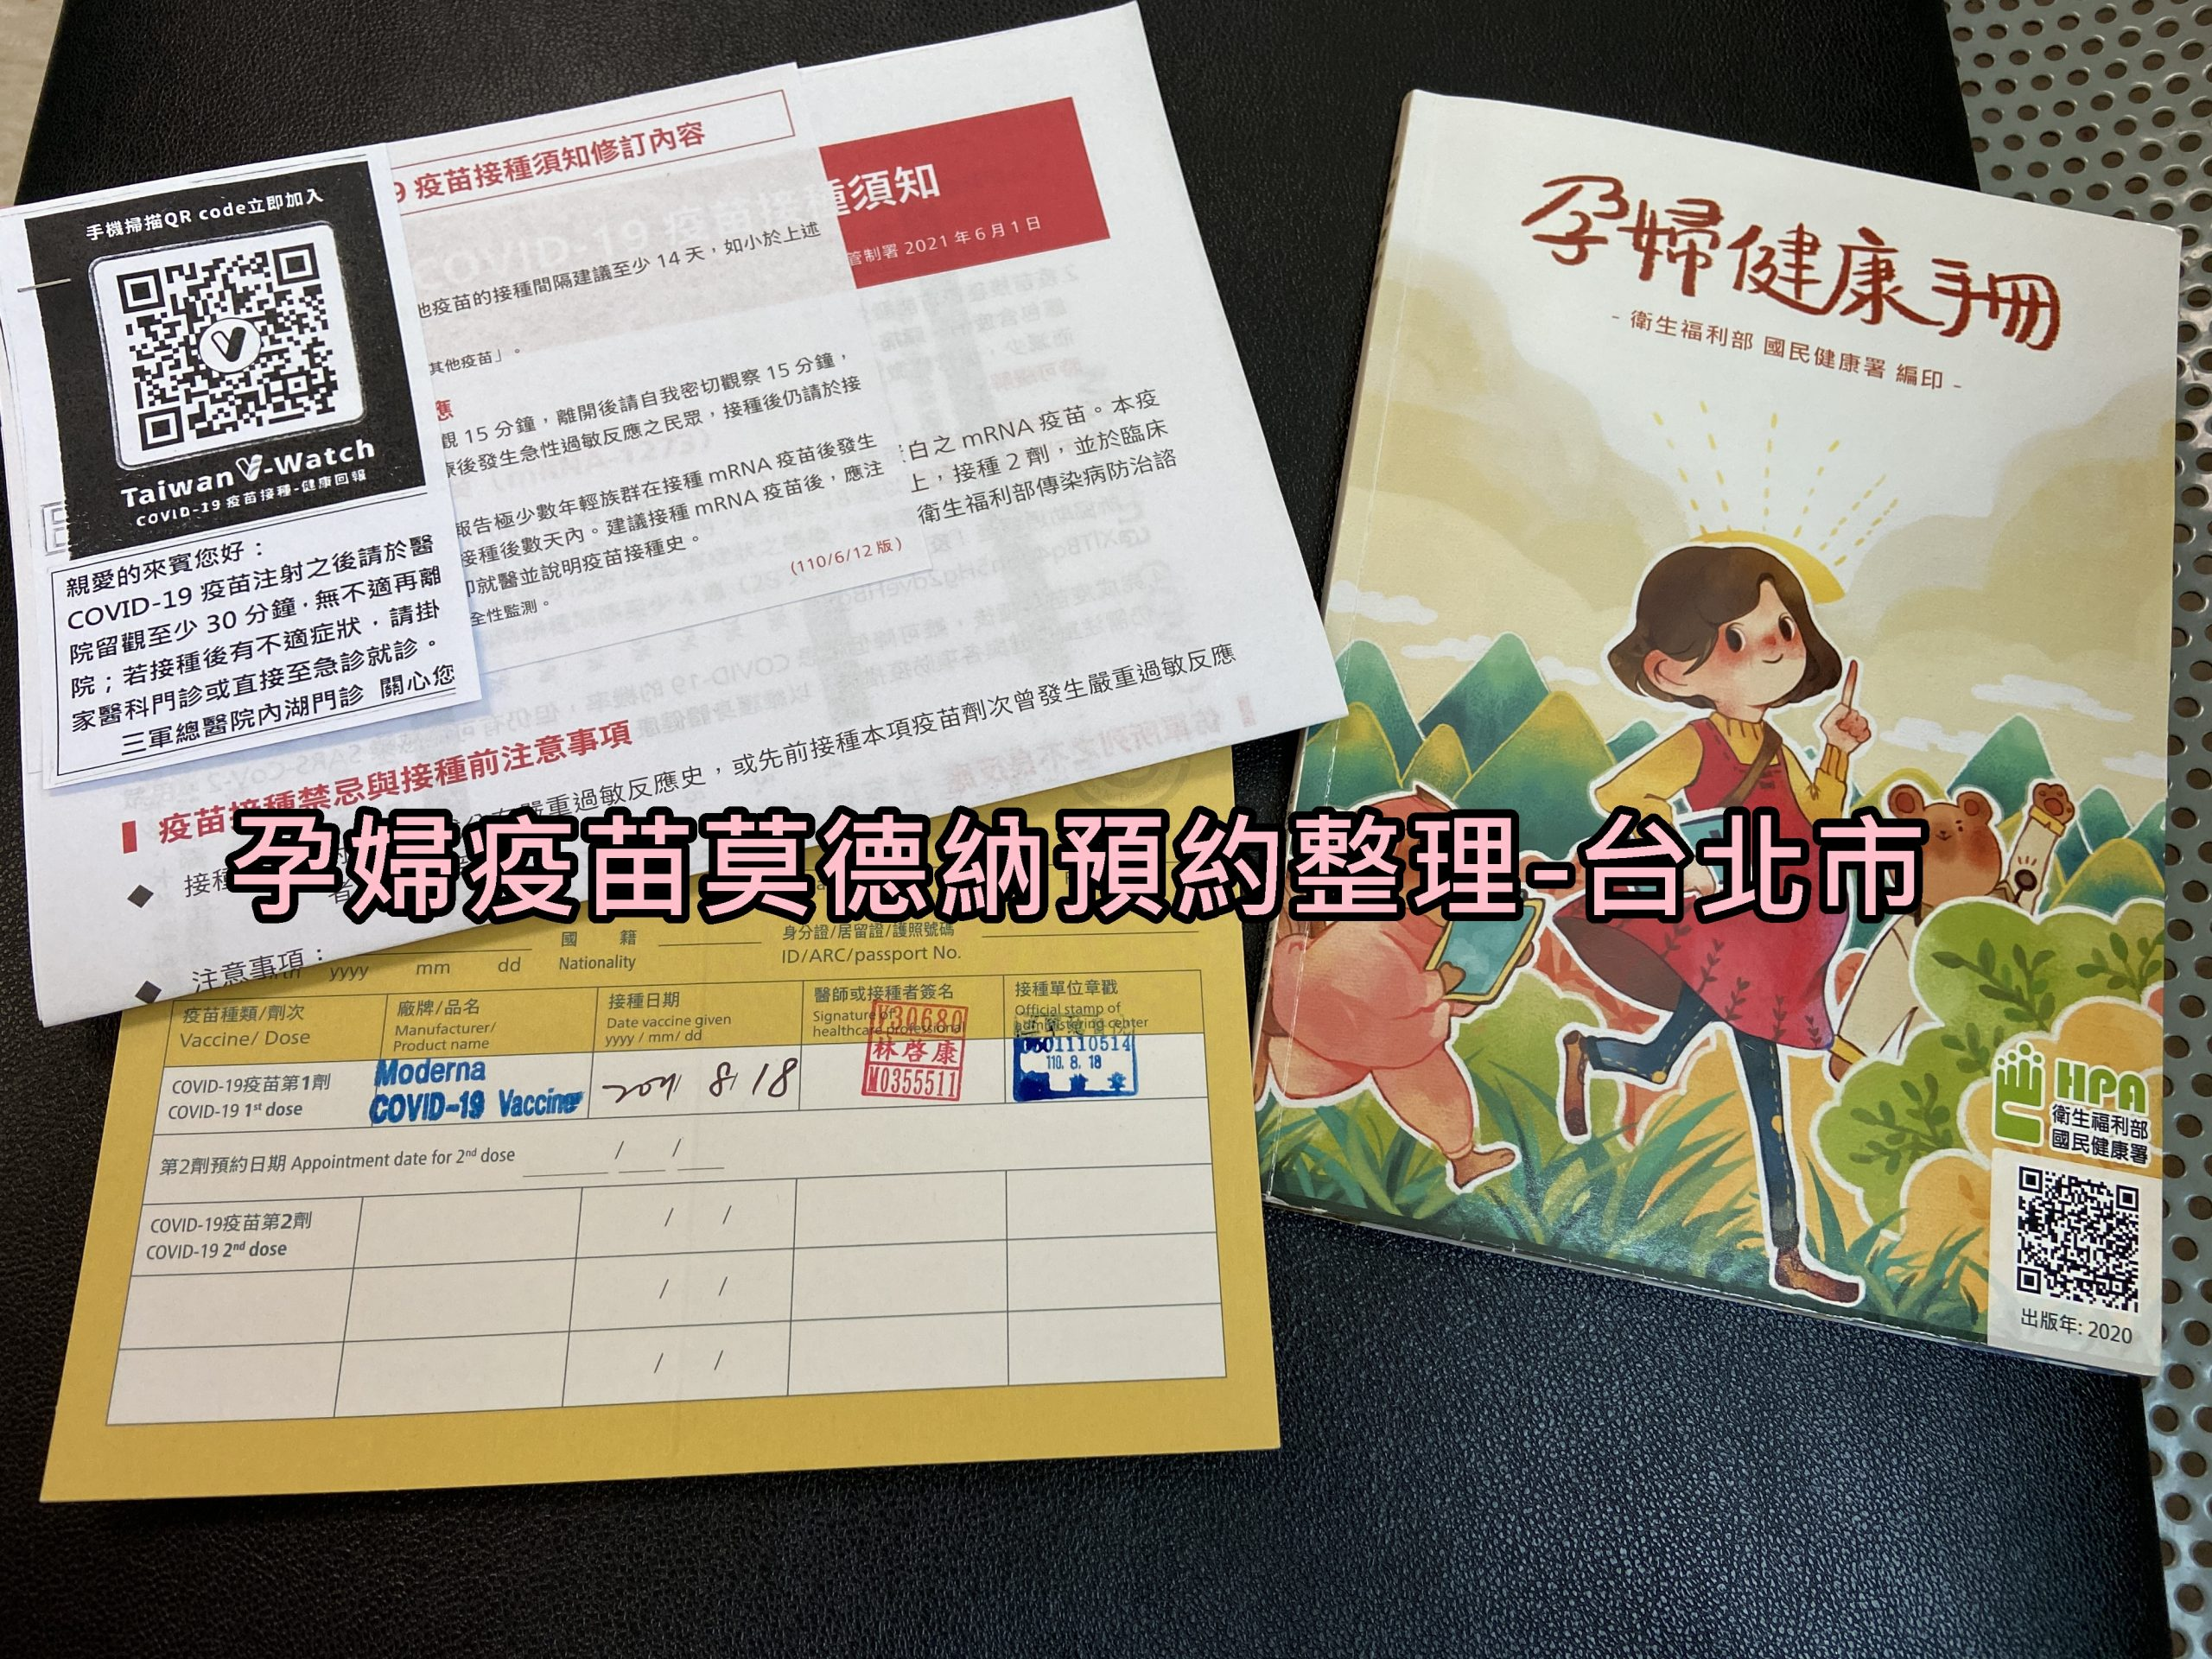 網站近期文章:孕婦預約莫德納疫苗怎麼這麼難。附上台北市各院所預約資訊/連結